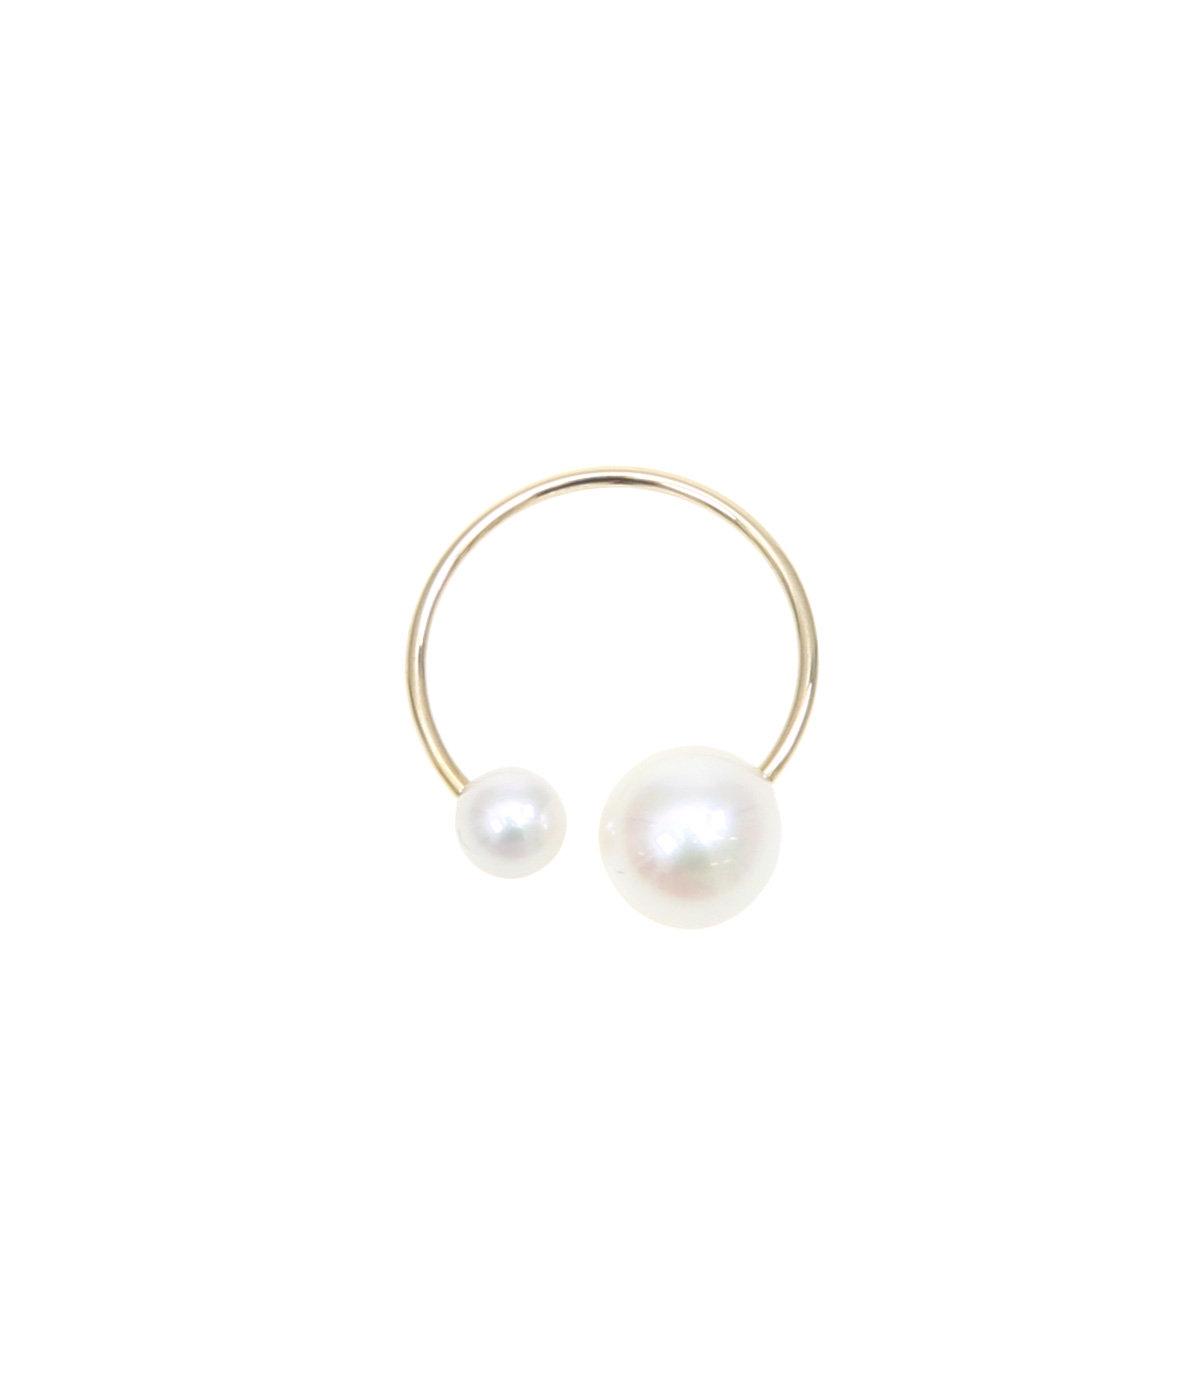 Akoya Pearl Ear Cuff7/4mm(イヤーカフ)